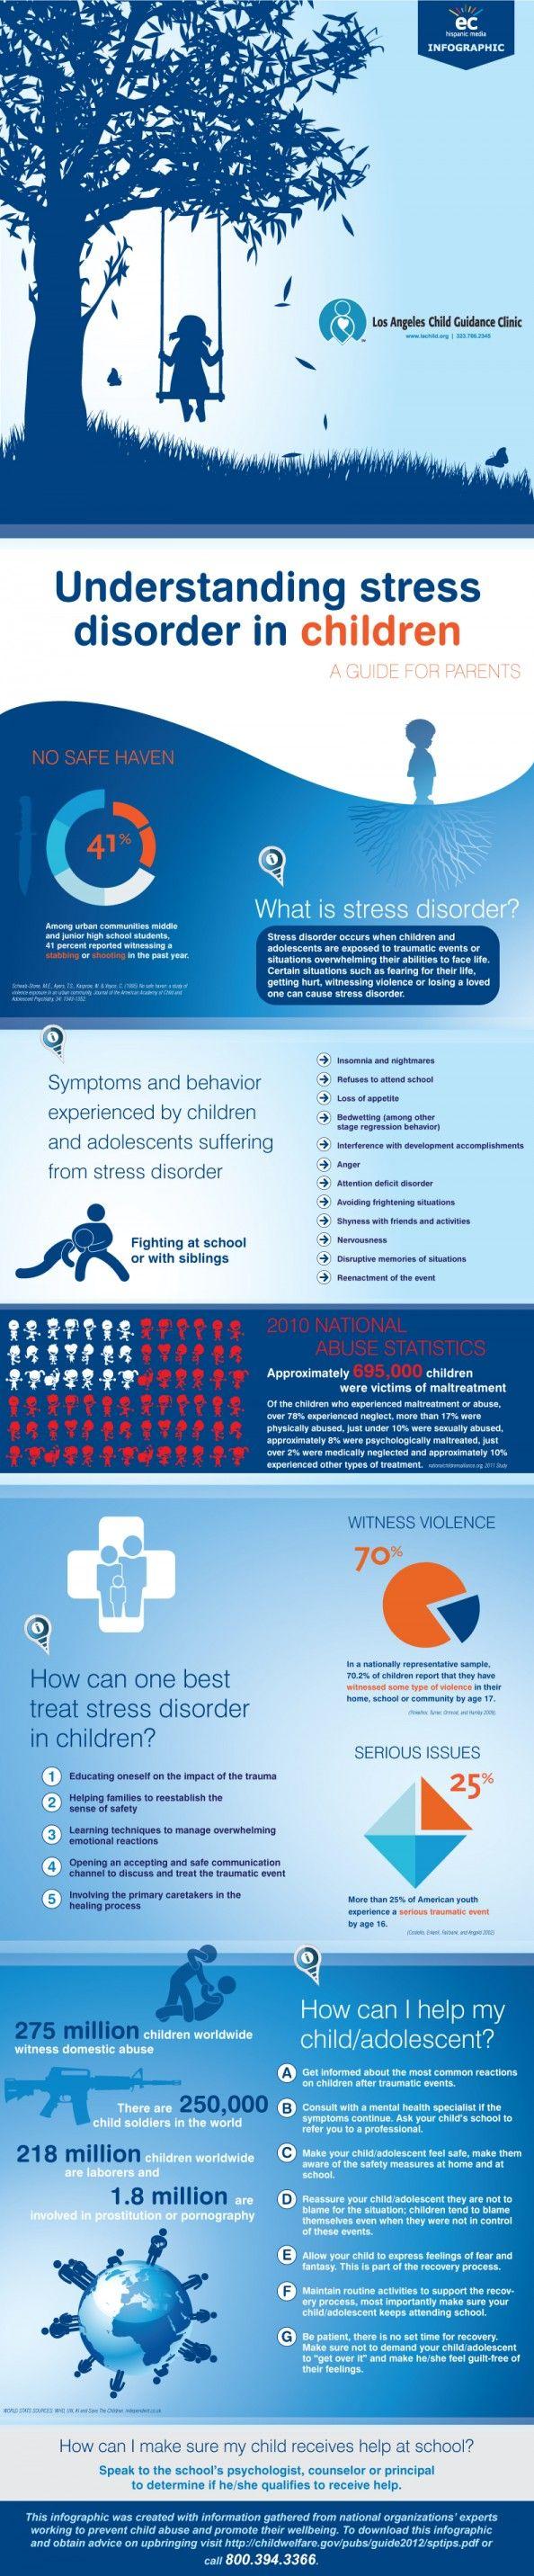 Child Trauma & Parent Guide Infographic